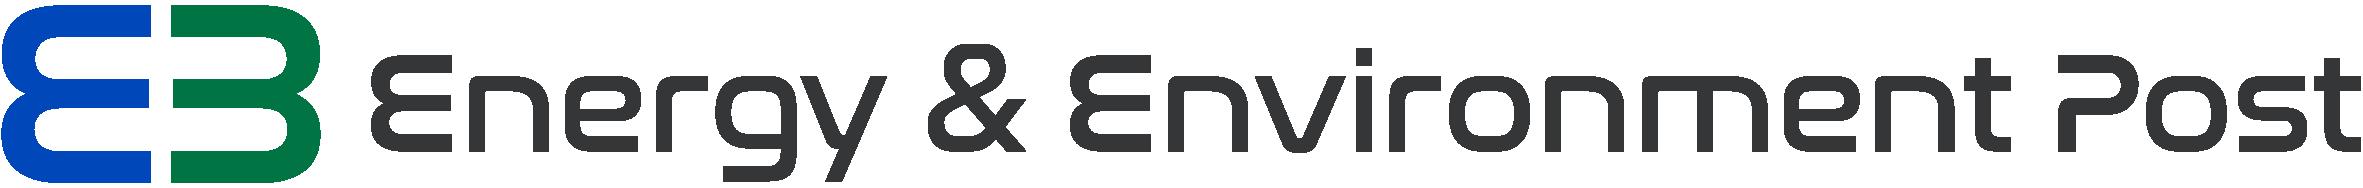 Energy Environment Post